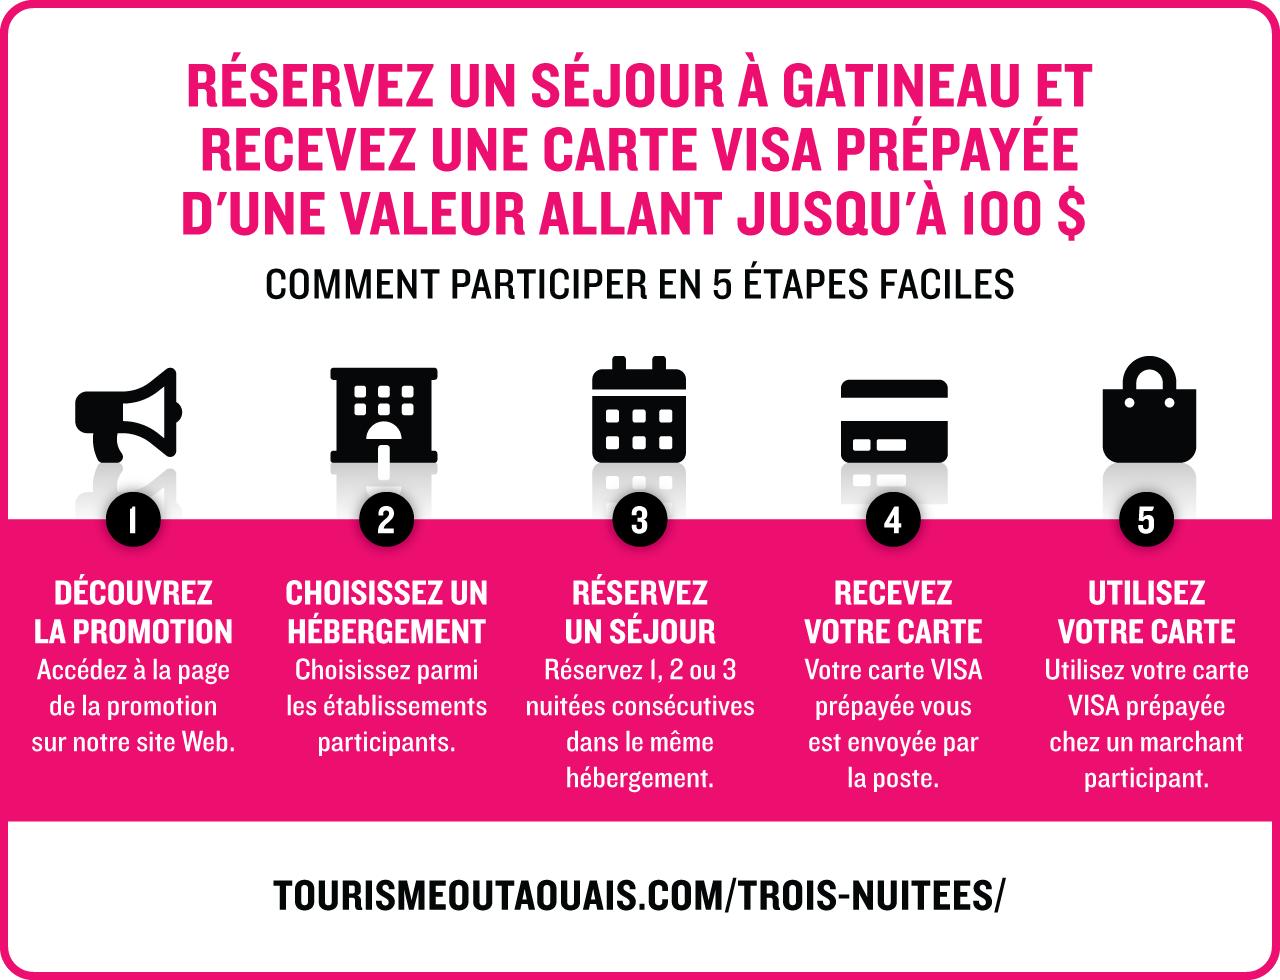 Réservez 3 nuitées à Gatineau et obtenez une carte prépayée VISA de 100 $